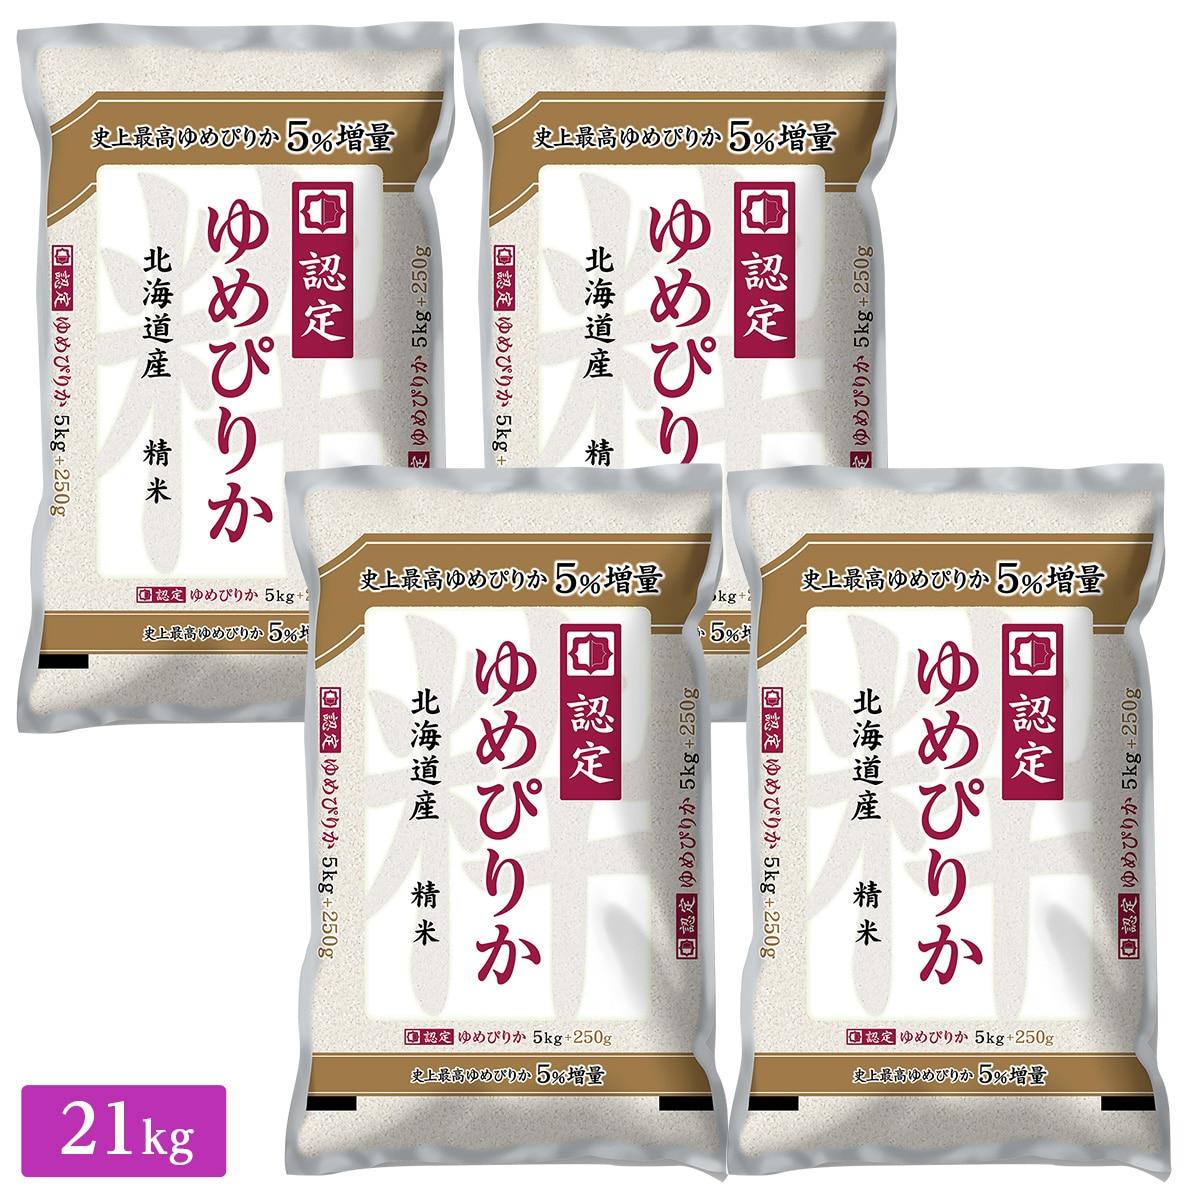 【送料無料】■◇新米 令和3年産 北海道産 ゆめぴりか 20kg(5kg×4袋) 020304500